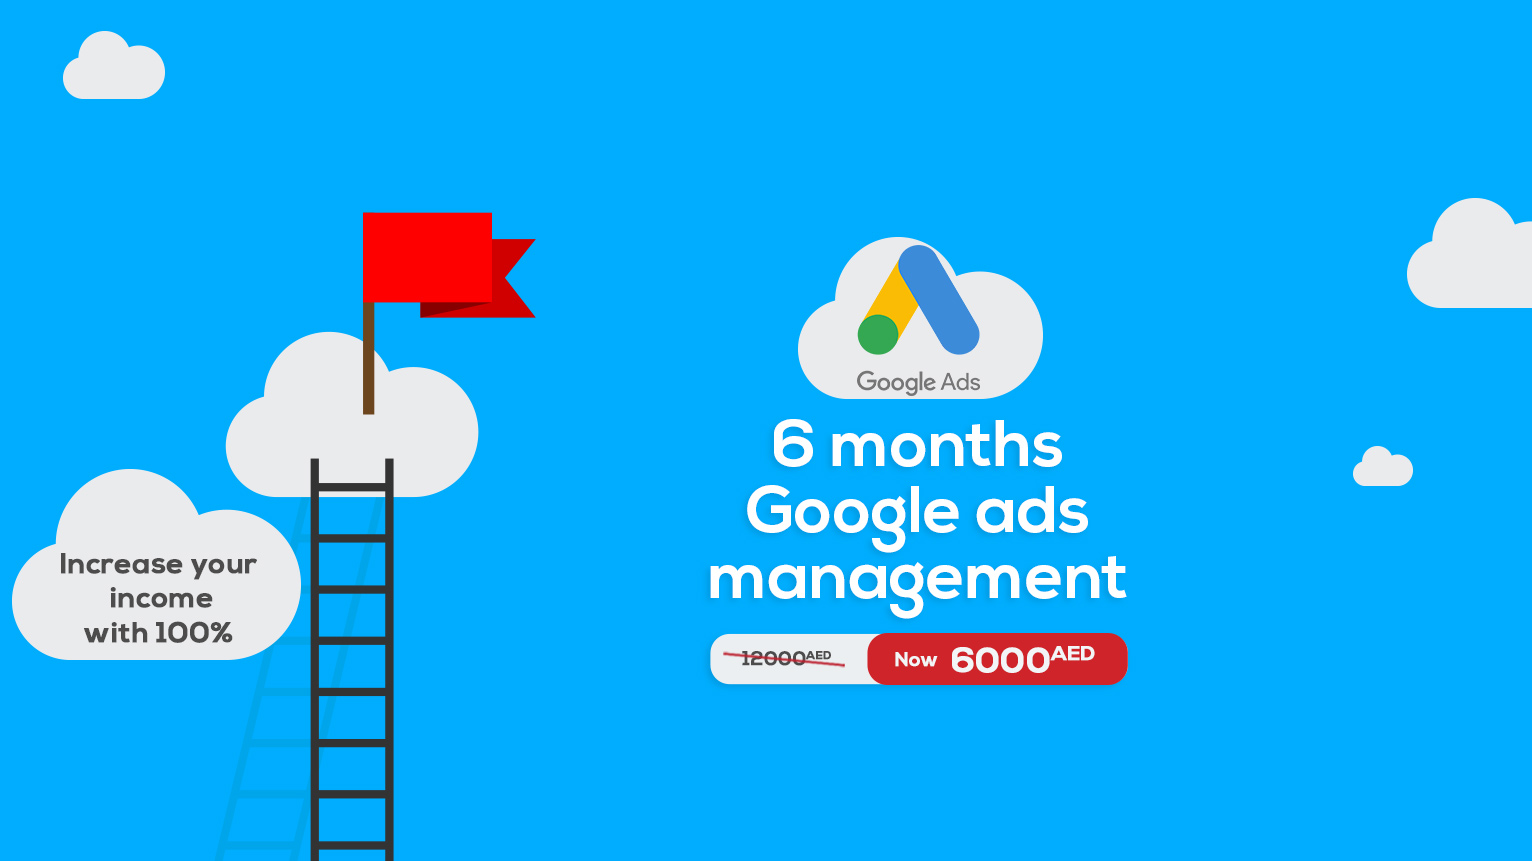 Ava-IT-Solutions-Dubai-Google-Ads-Promotion-Management